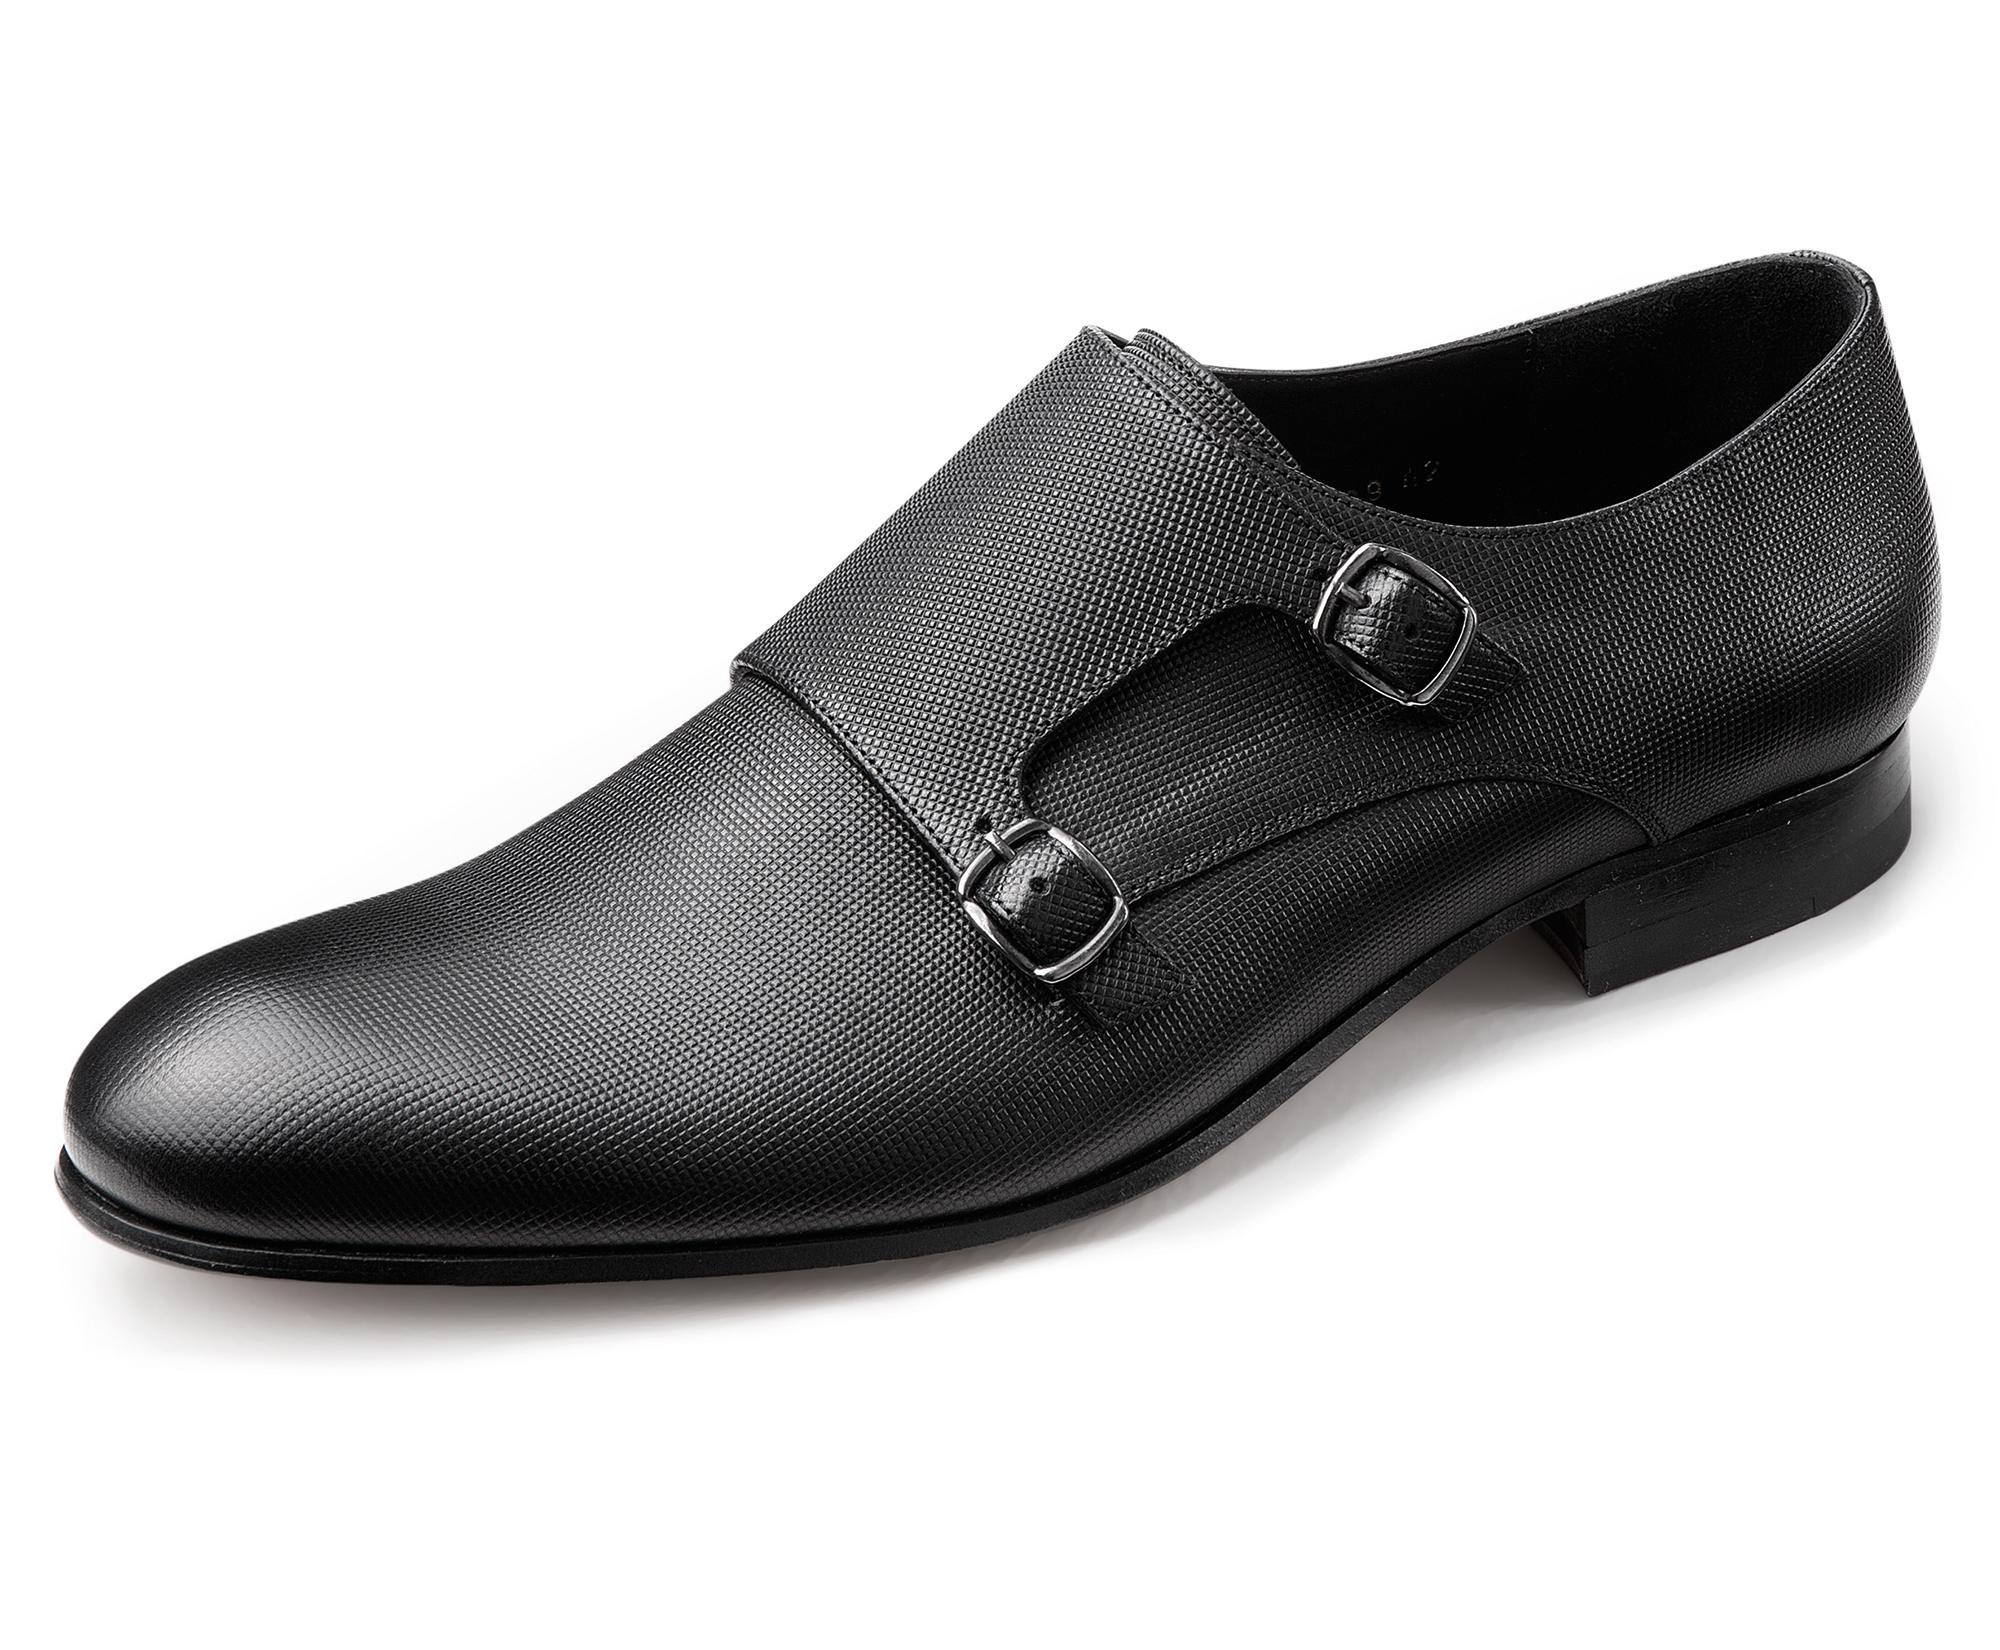 Wilvorst bőr cipő 0292-448316/10 Ár:49.900 Ft